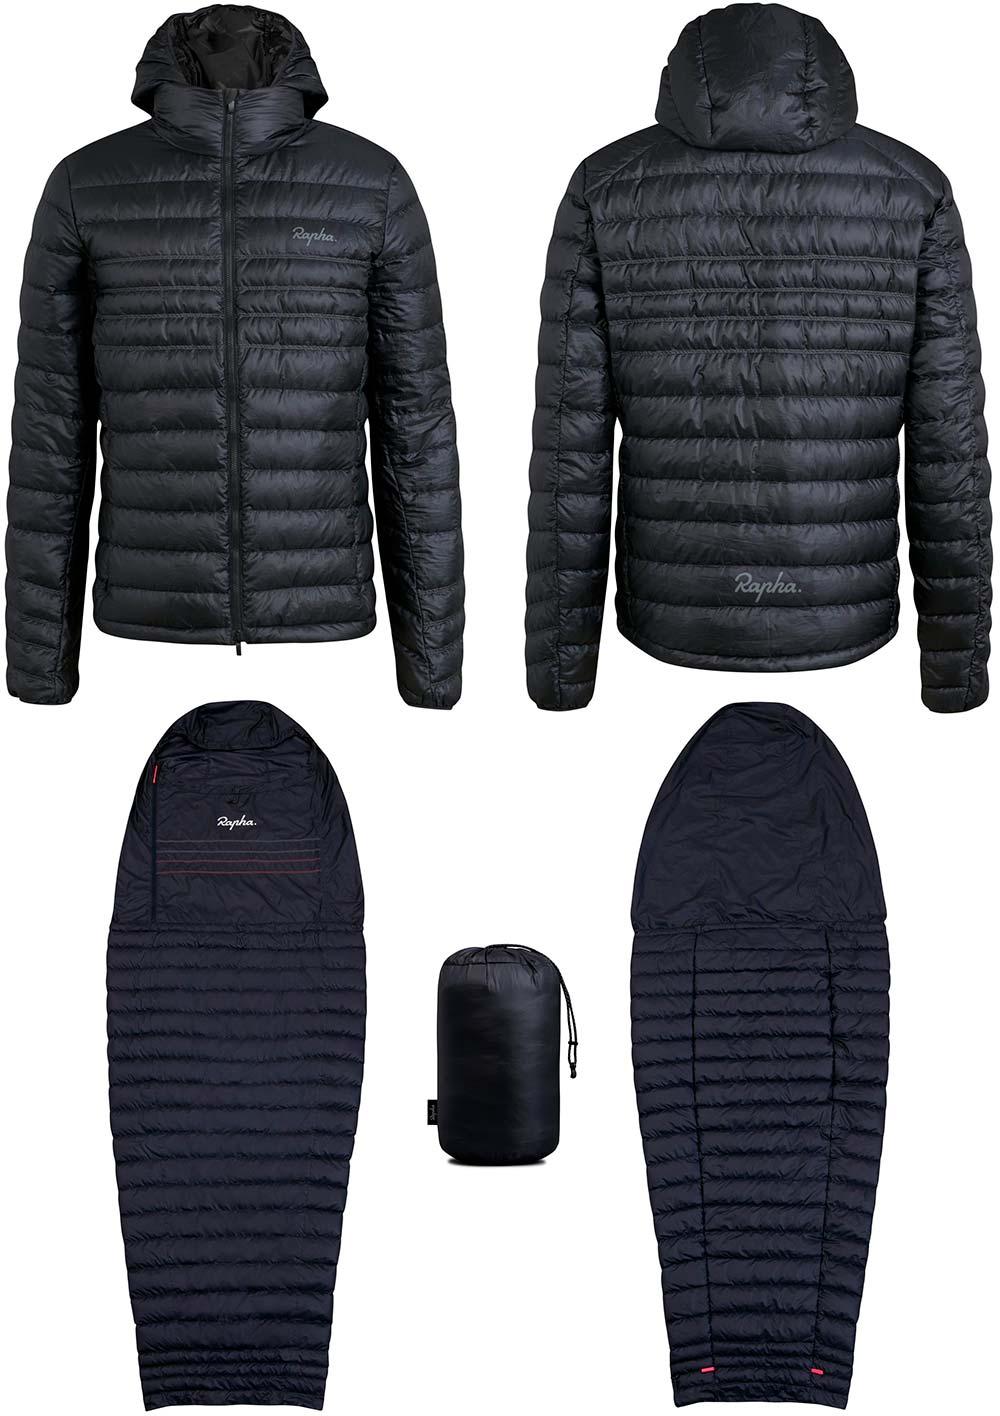 En TodoMountainBike: Rapha presenta una chaqueta combinable con un saco de dormir para los ciclistas más aventureros